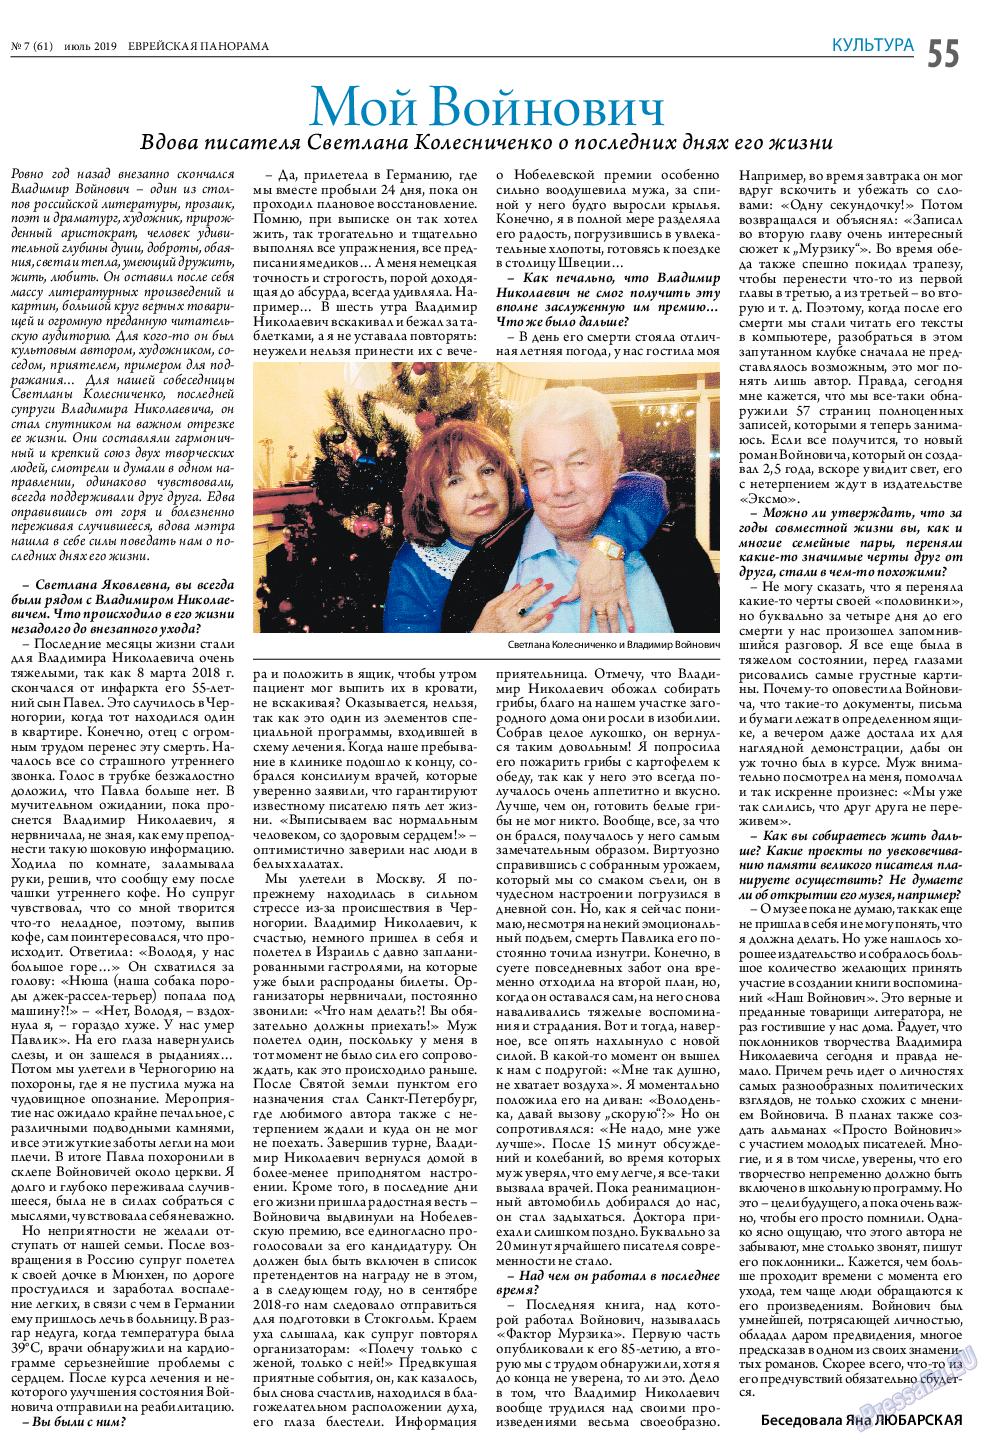 Еврейская панорама (газета). 2019 год, номер 7, стр. 55